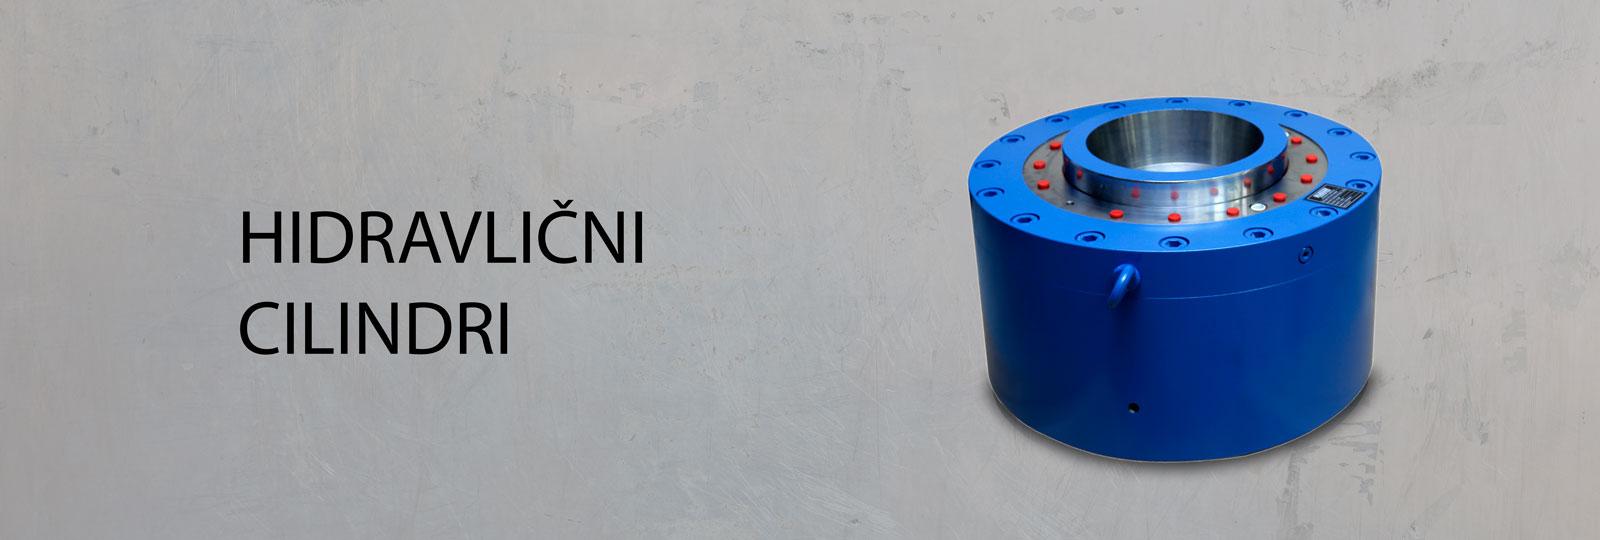 Hidravlični cilindri